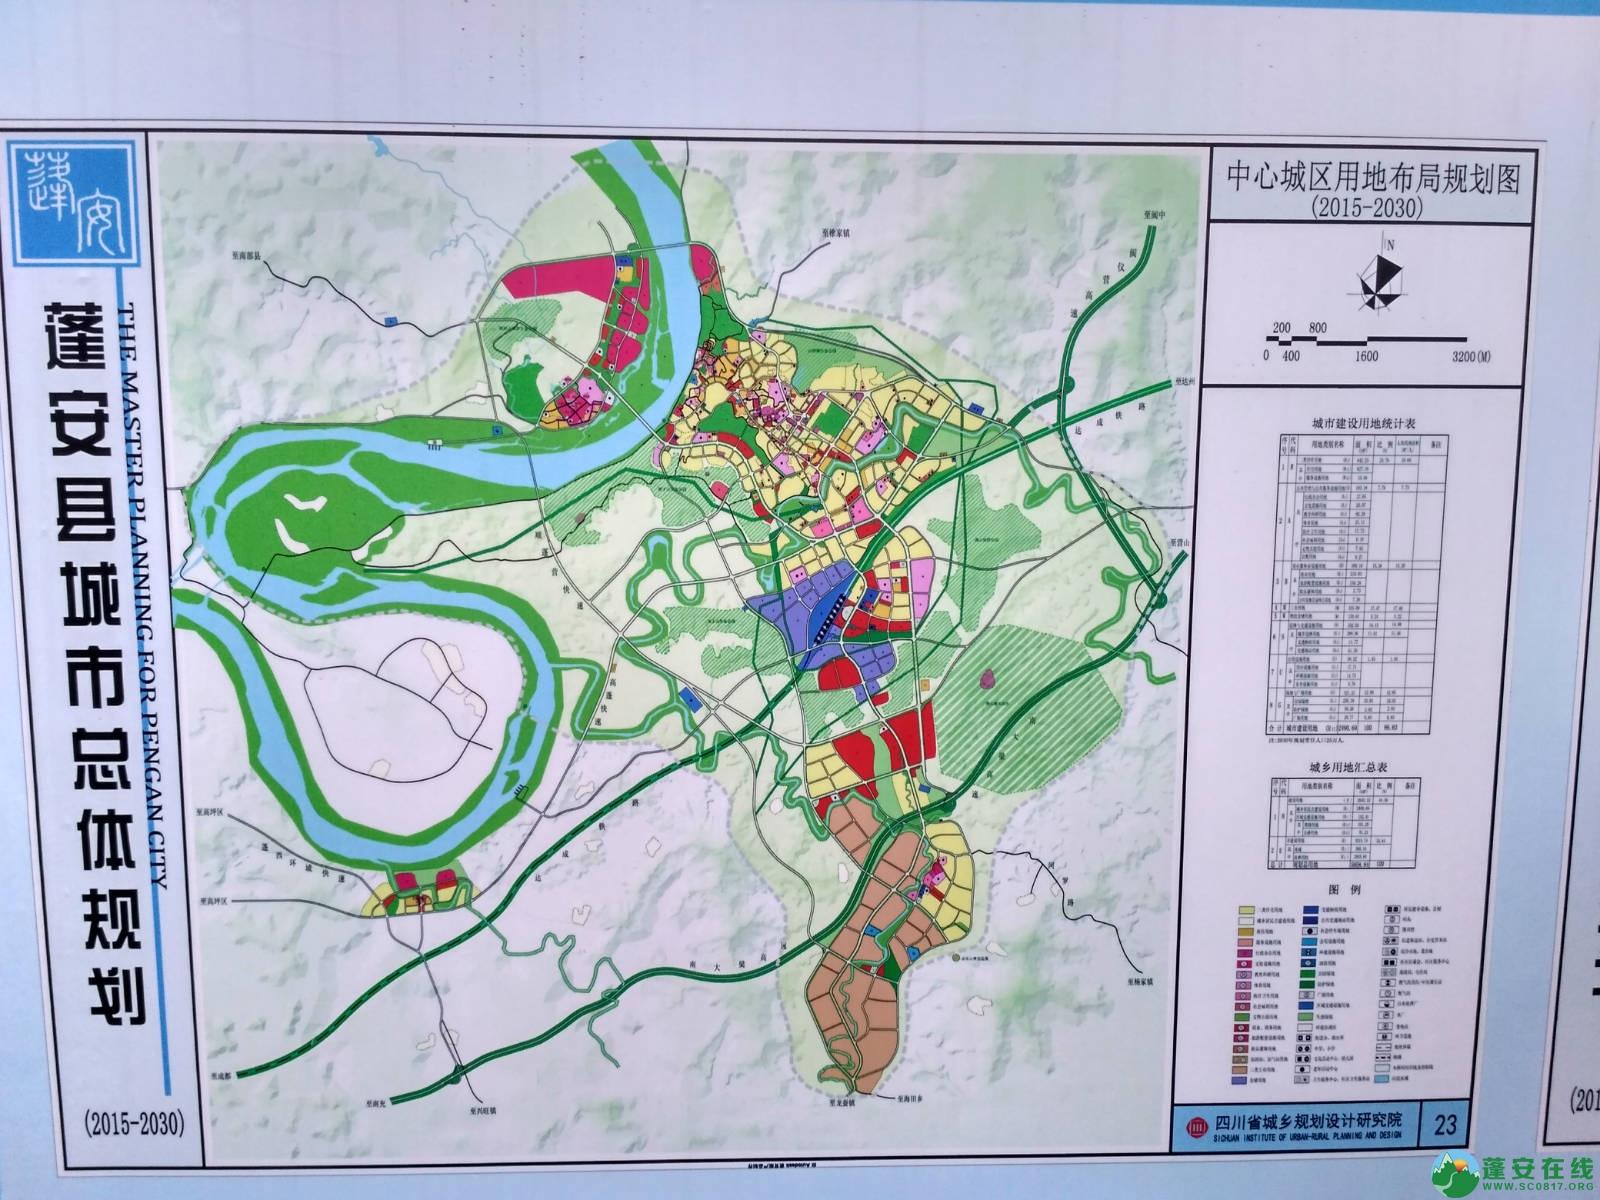 蓬安县2015年-2030年最新城市总体规划公示 - 第4张  | 蓬安在线